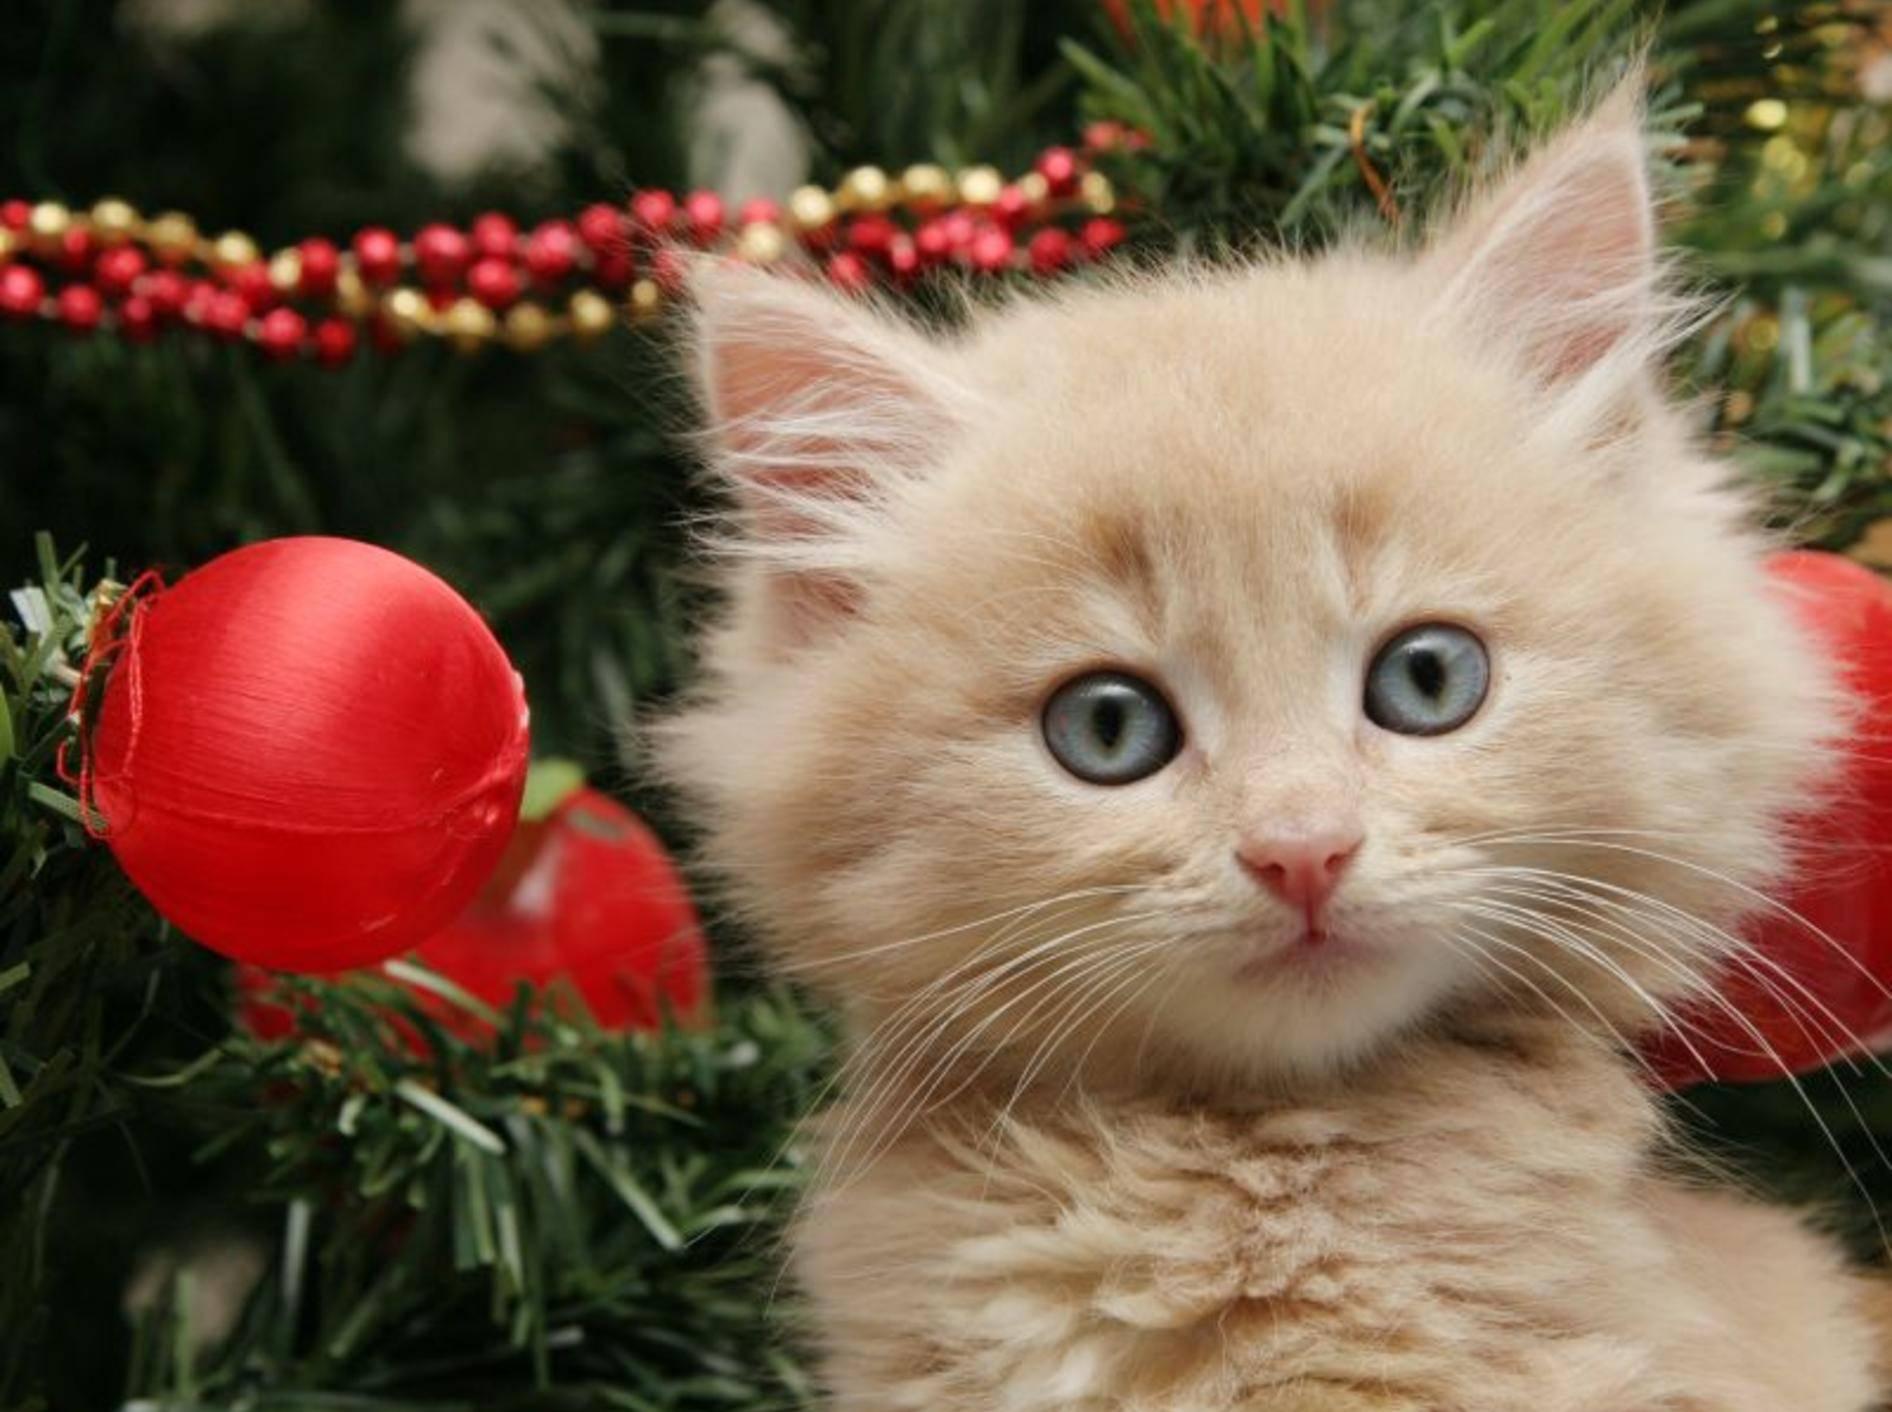 Schöne Weihnachtsgeschenke für Katzen – Bild: Shutterstock / Sue McDonald